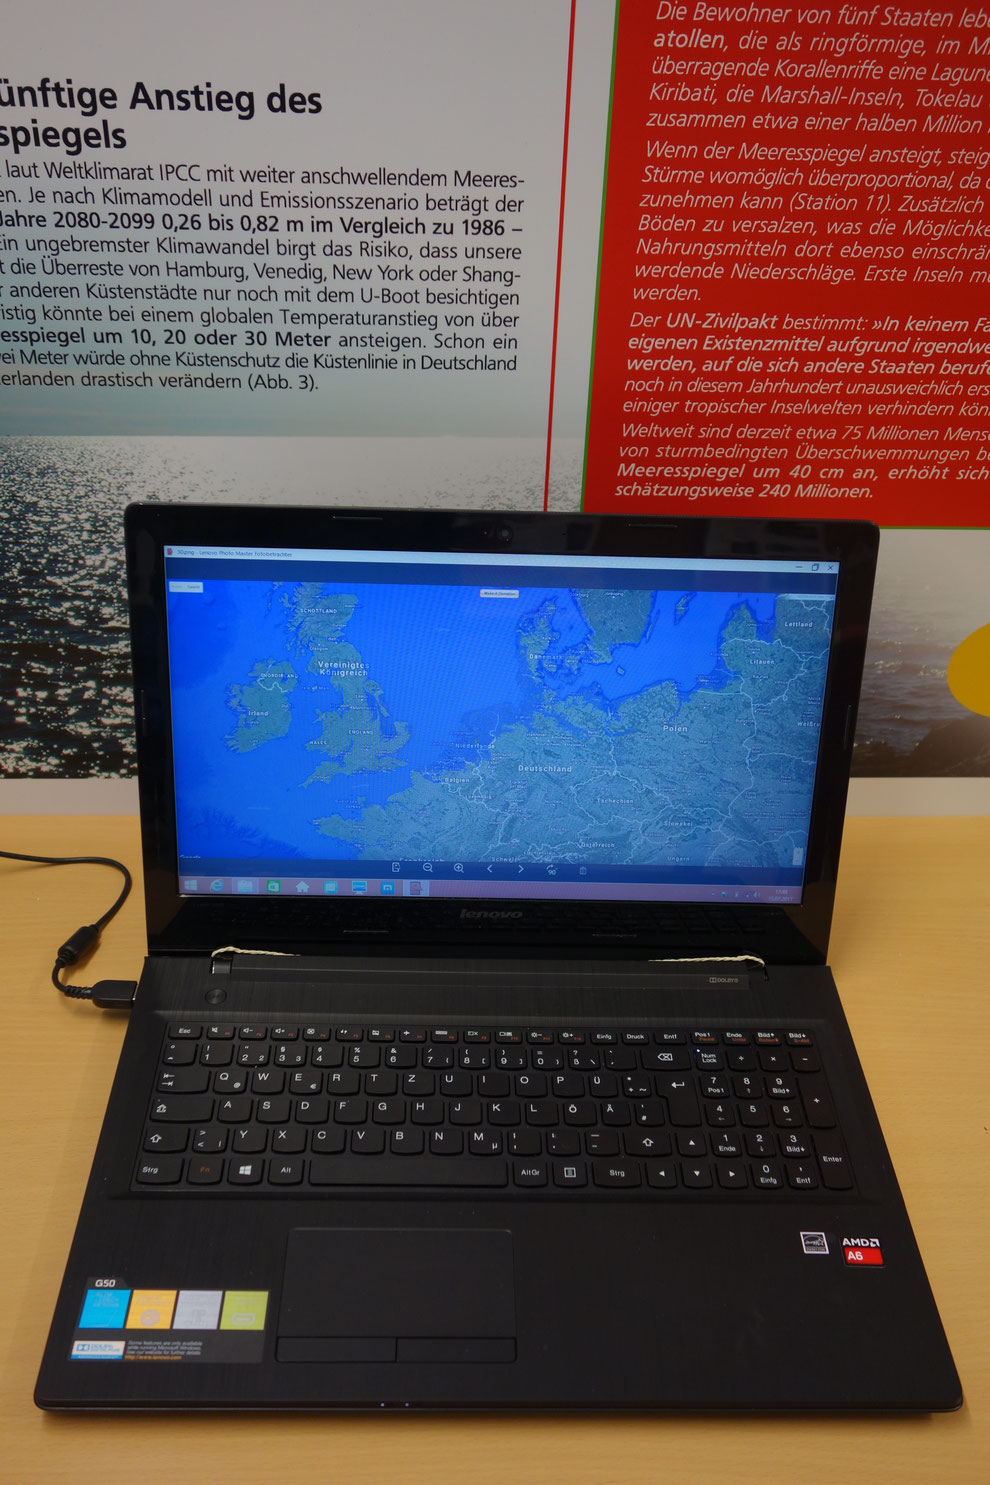 Der Laptop zeigt, wie sich die Landkarte beim Anstieg des Meeresspiegels um 1,  2, 5 oder 10 m ändert.